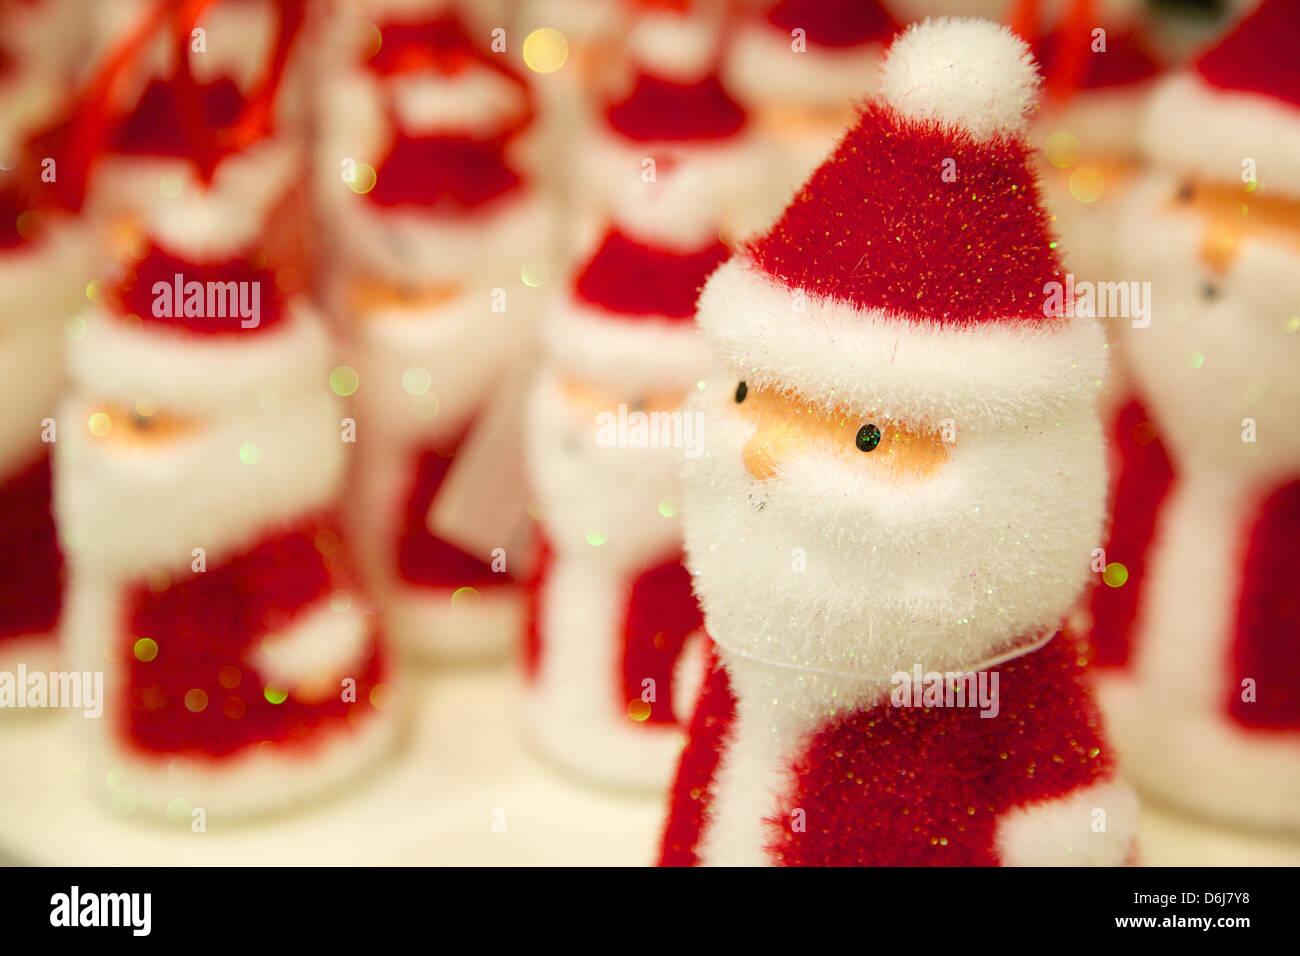 Santa Claus Chritmas decoration, Sheffield, Yorkshire, England, United Kingdom, Europe - Stock Image